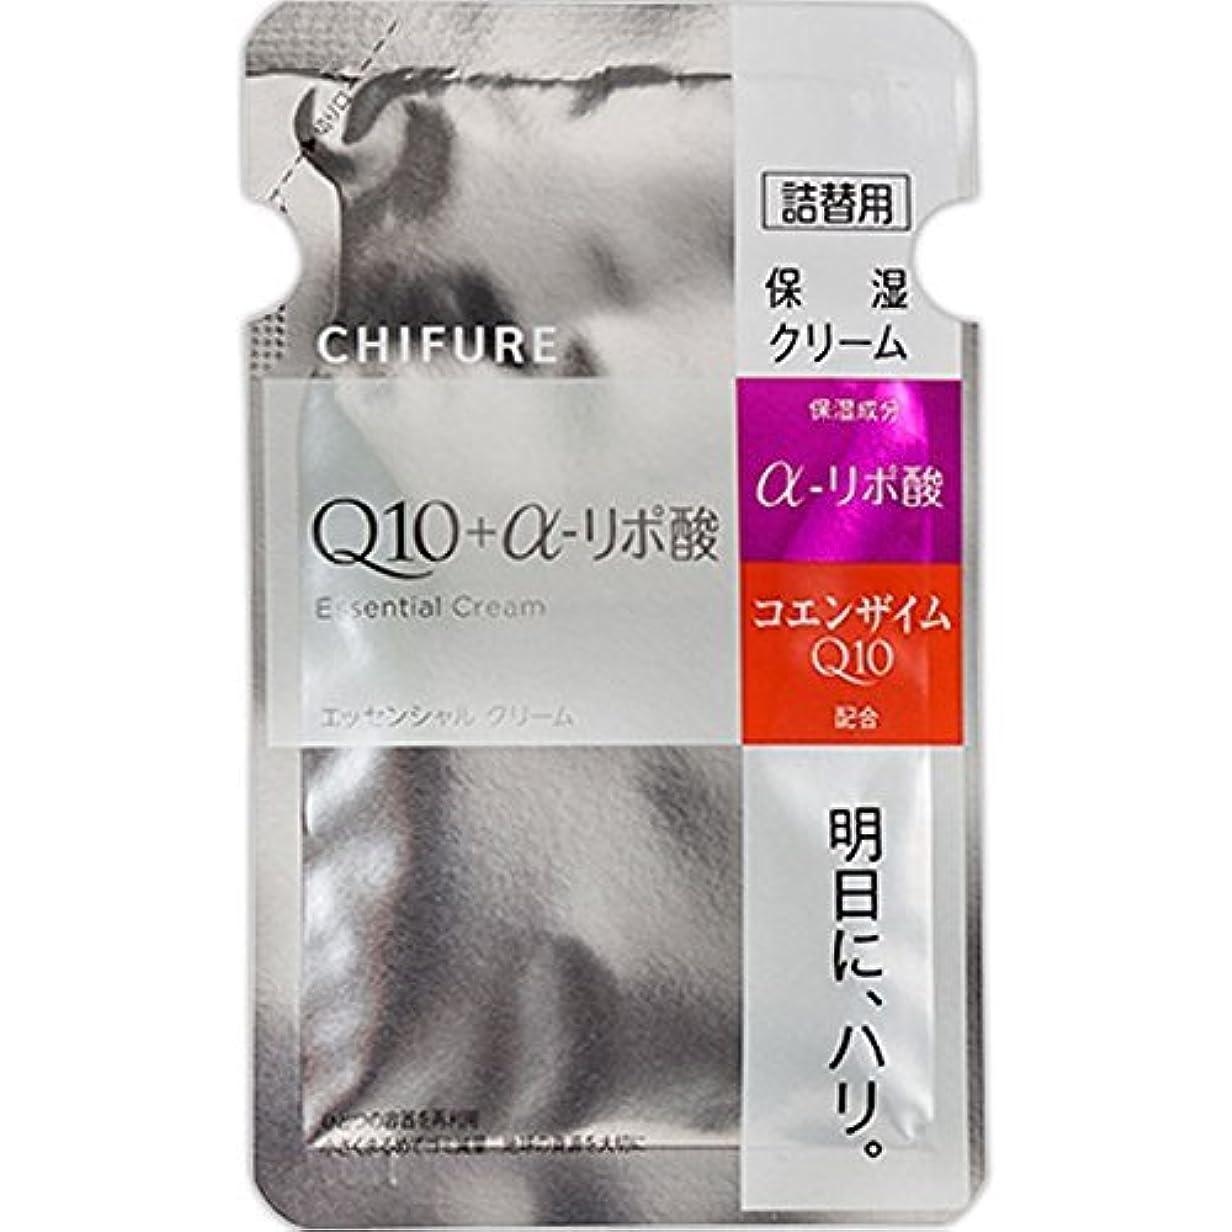 ライオネルグリーンストリートほめる復活ちふれ化粧品 エッセンシャル クリーム 詰替用 30G